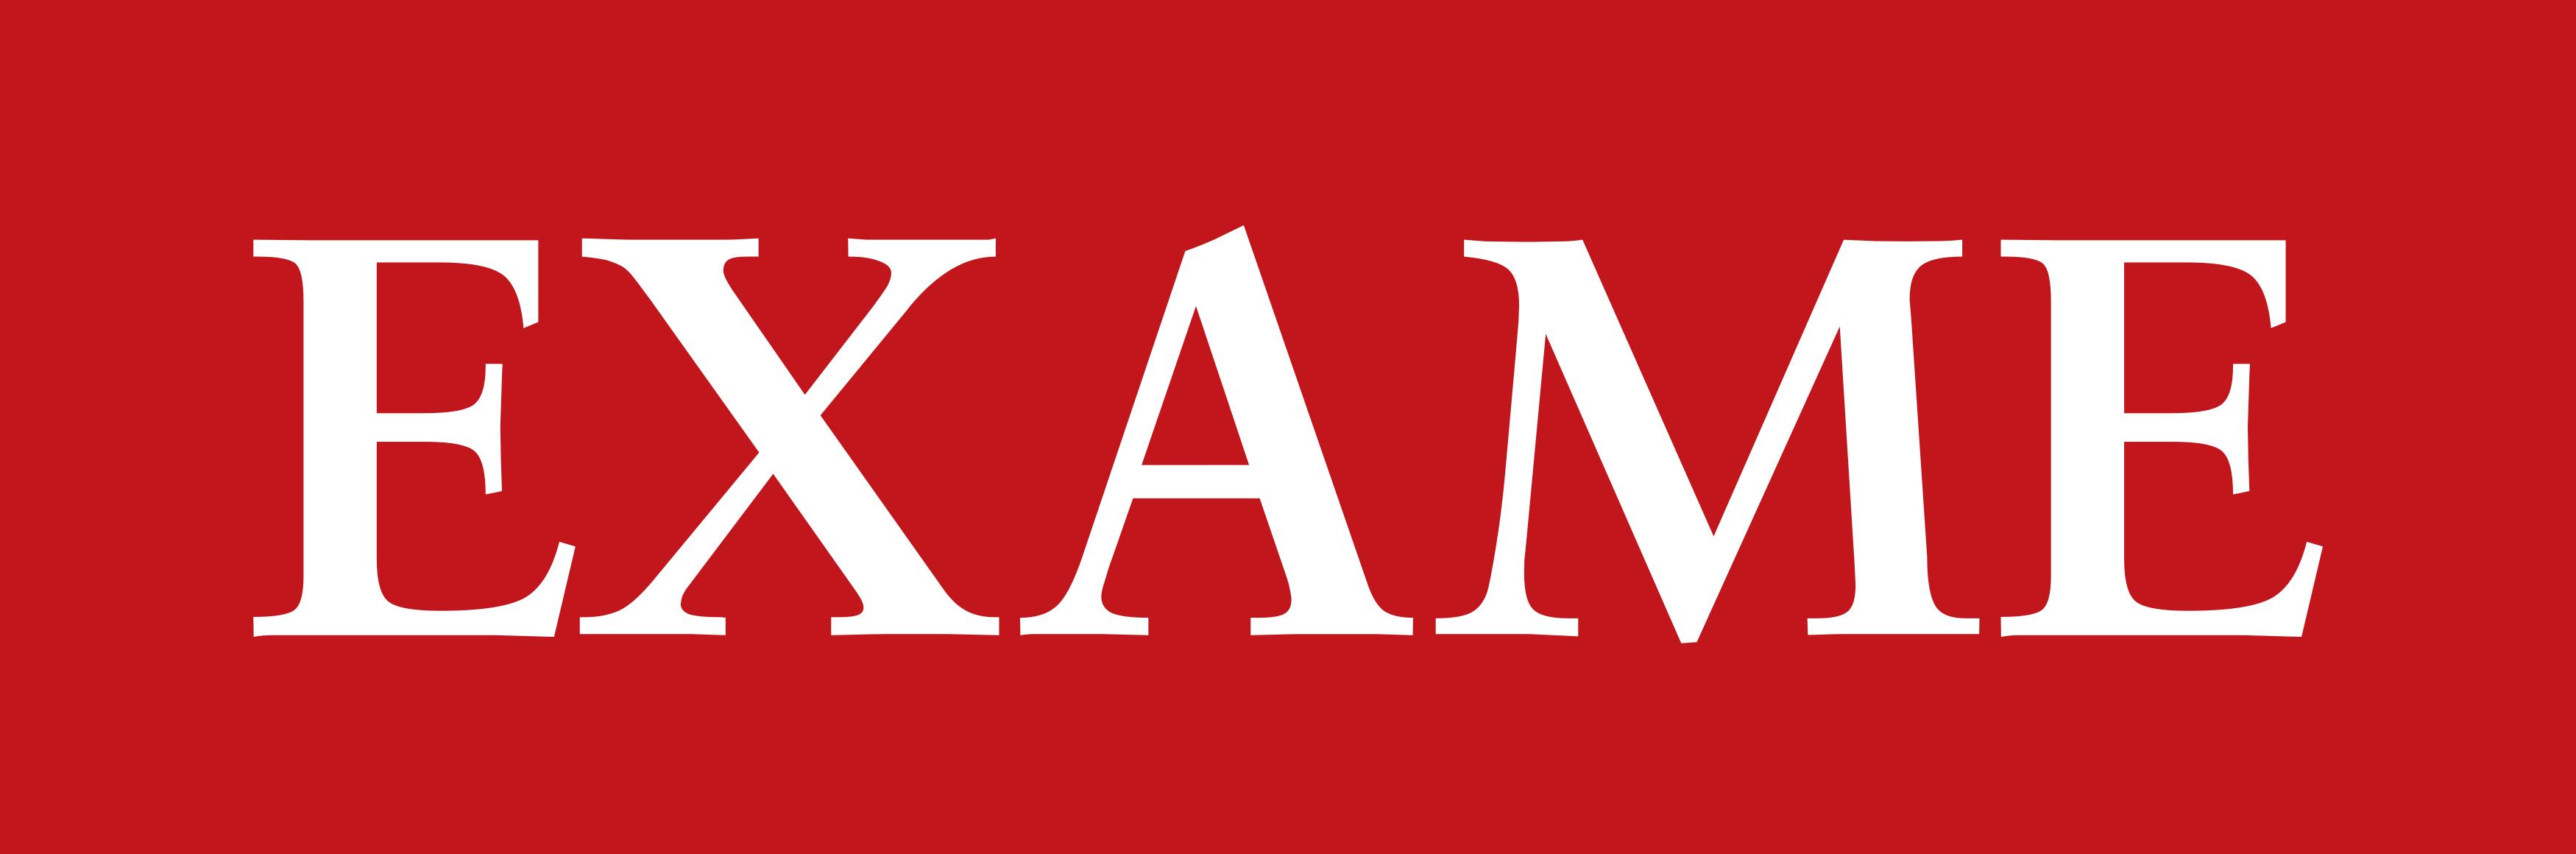 exame logo 1 - EXAME Logo (Revista)